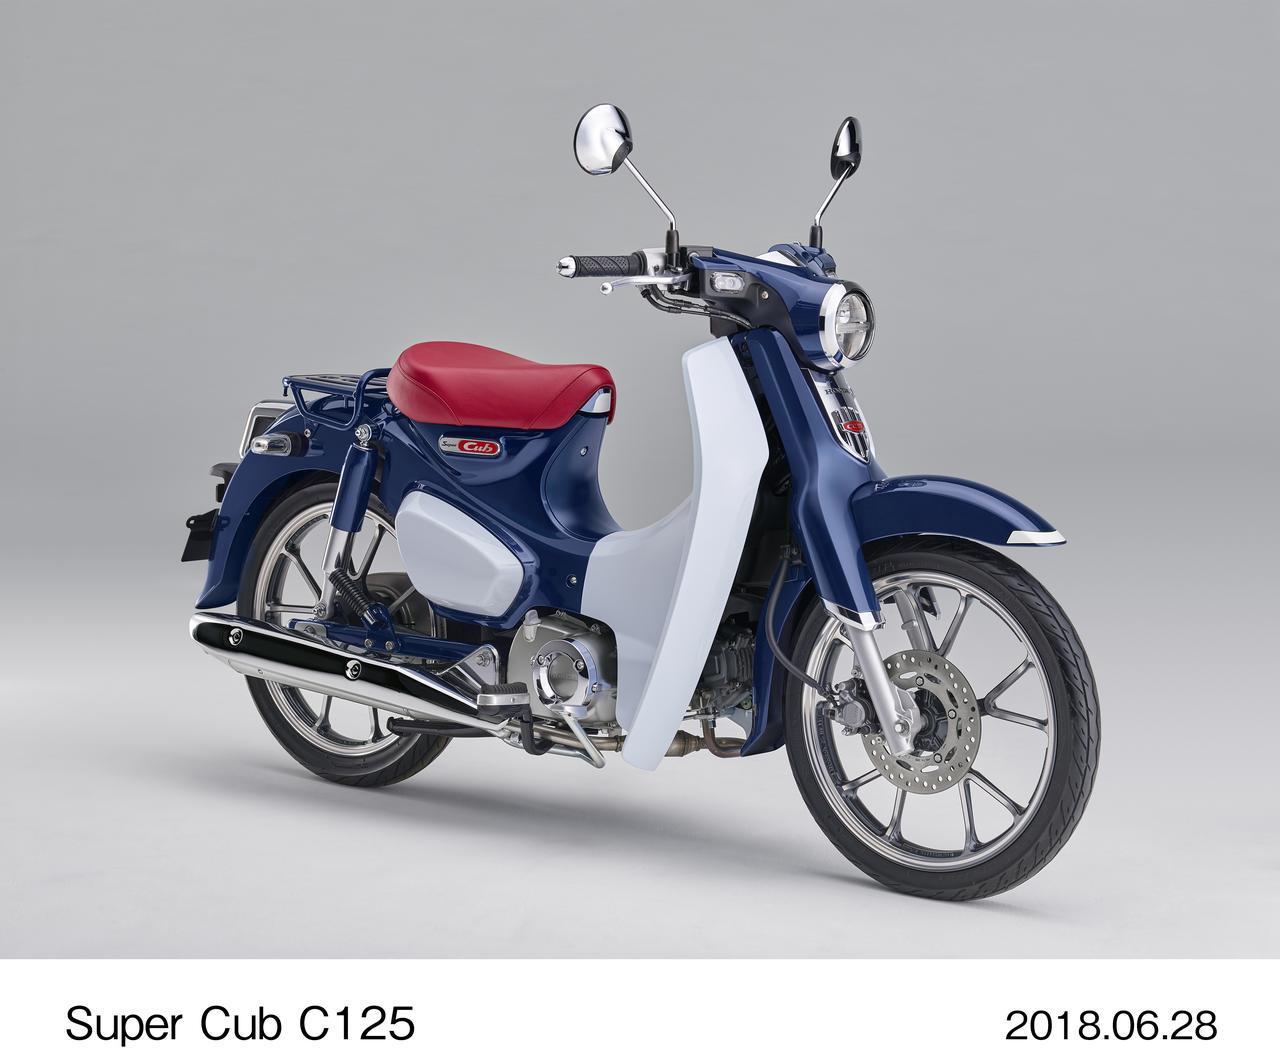 画像: 初代カブを彷彿させるデザイン「スーパーカブC125」が2018年9月14日(金)に発売決定! - A Little Honda